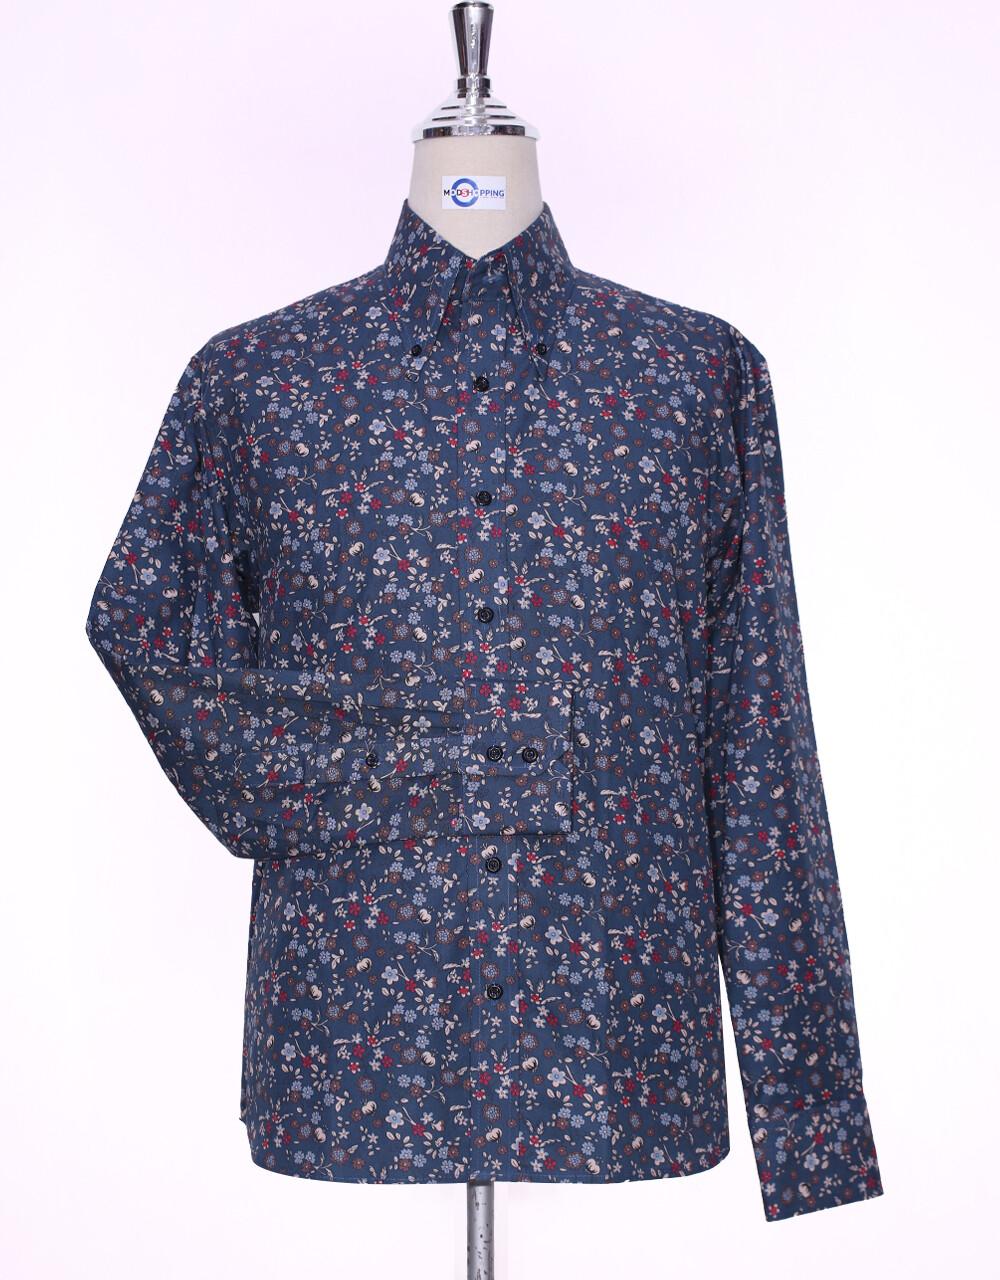 Floral Shirt | 60s Style Multi Color Floral Print Men Shirt